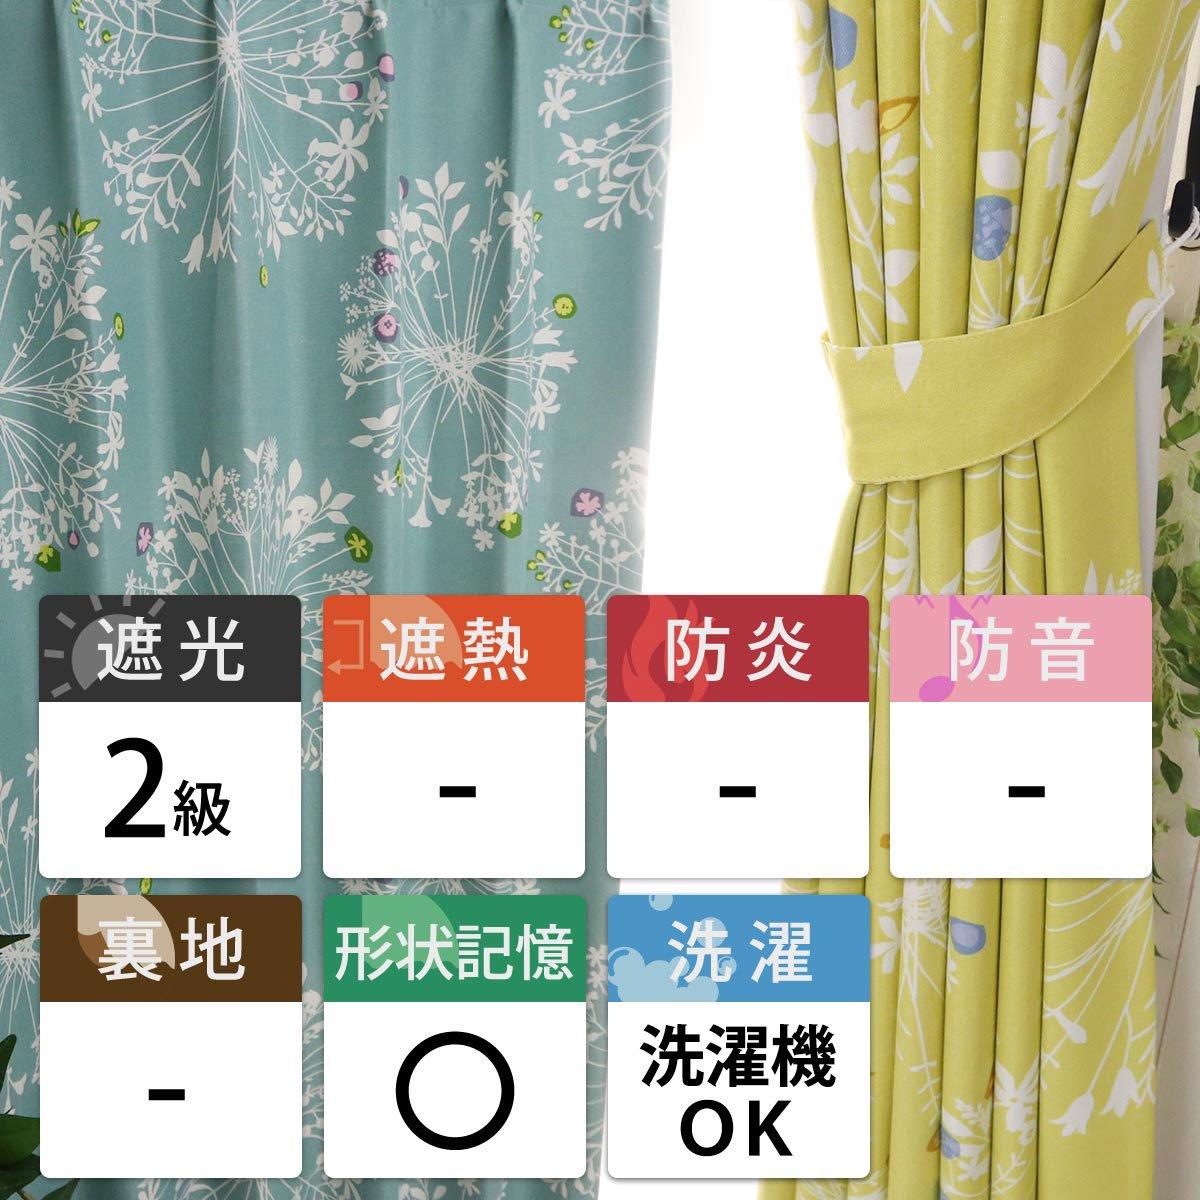 100サイズから選べる!まあるいお花畑柄が素敵な北欧デザインカーテン 『ギャレ ブルーグリーン』